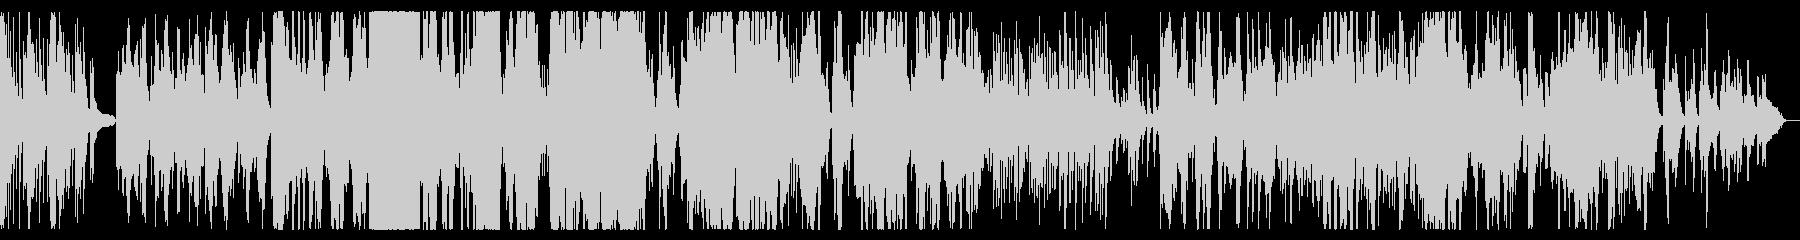 二胡とピアノの生録音によるのどかな楽曲の未再生の波形